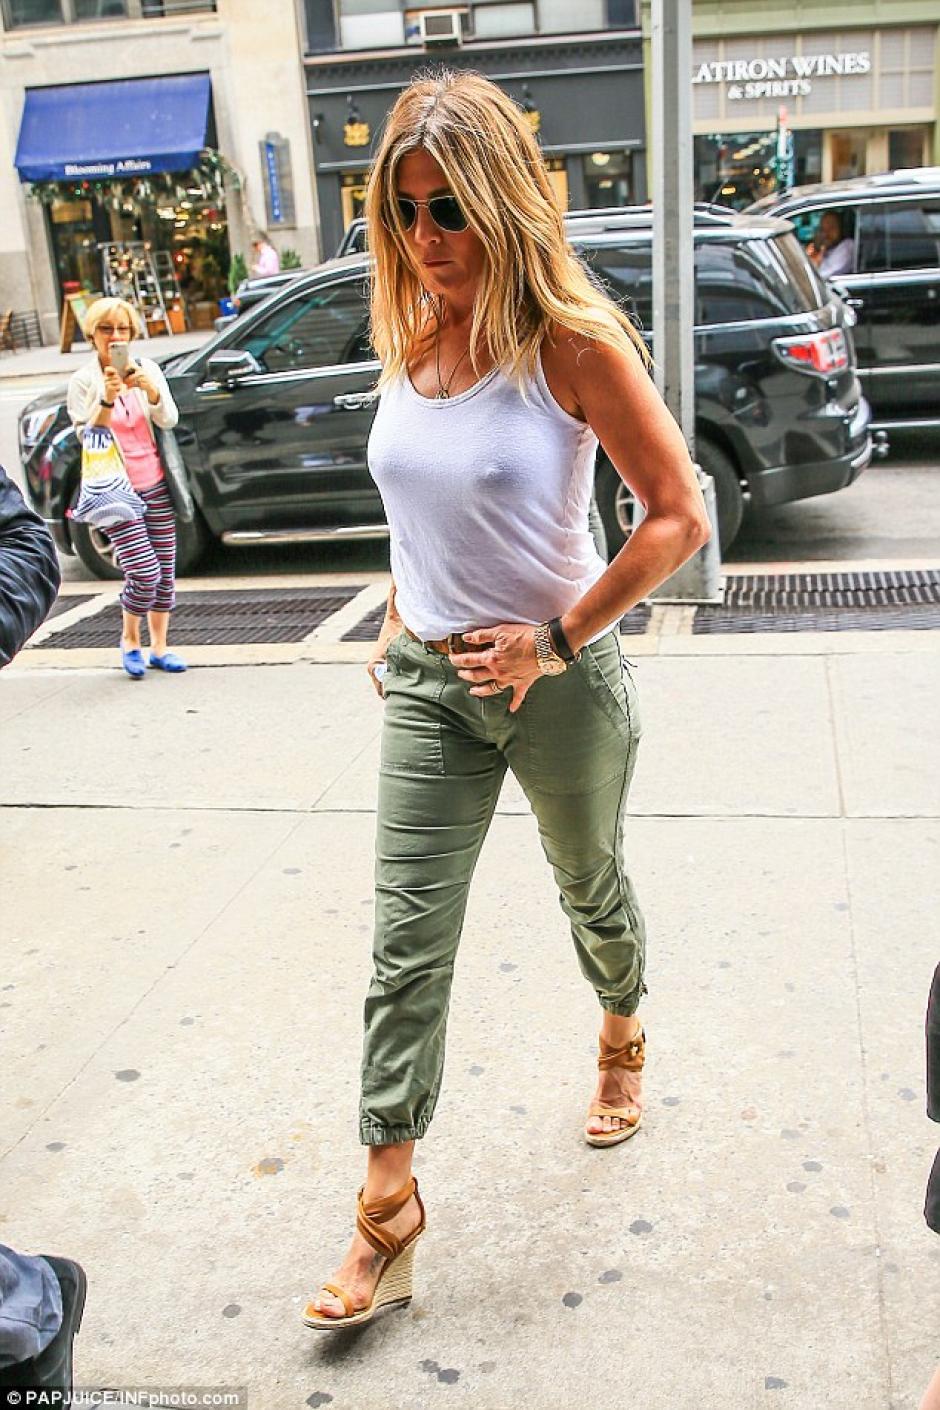 Según los paparazzi, la actriz no llevaba sostén y se notaba por la tela de la blusa que vestía. (Foto: Estilo DF)